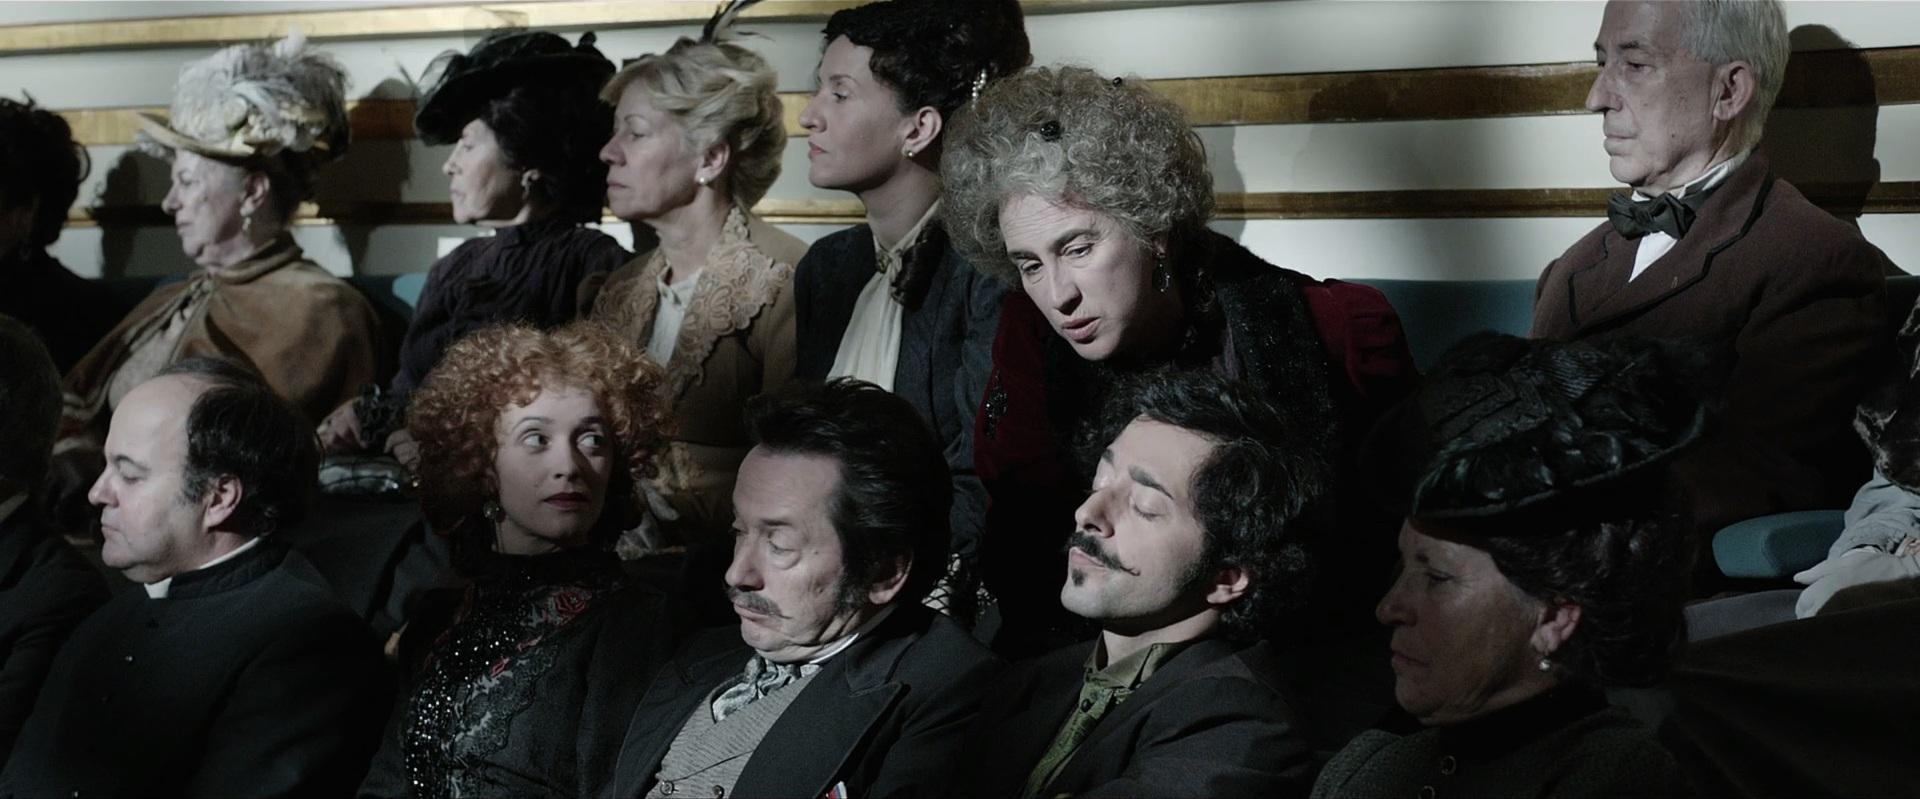 Rita Blanco, Adriano Luz, Miguel Monteiro, Maria João Pinho, Alexandra Sargento, and Pedro Inês in Os Maias: Cenas da Vida Romântica (2014)